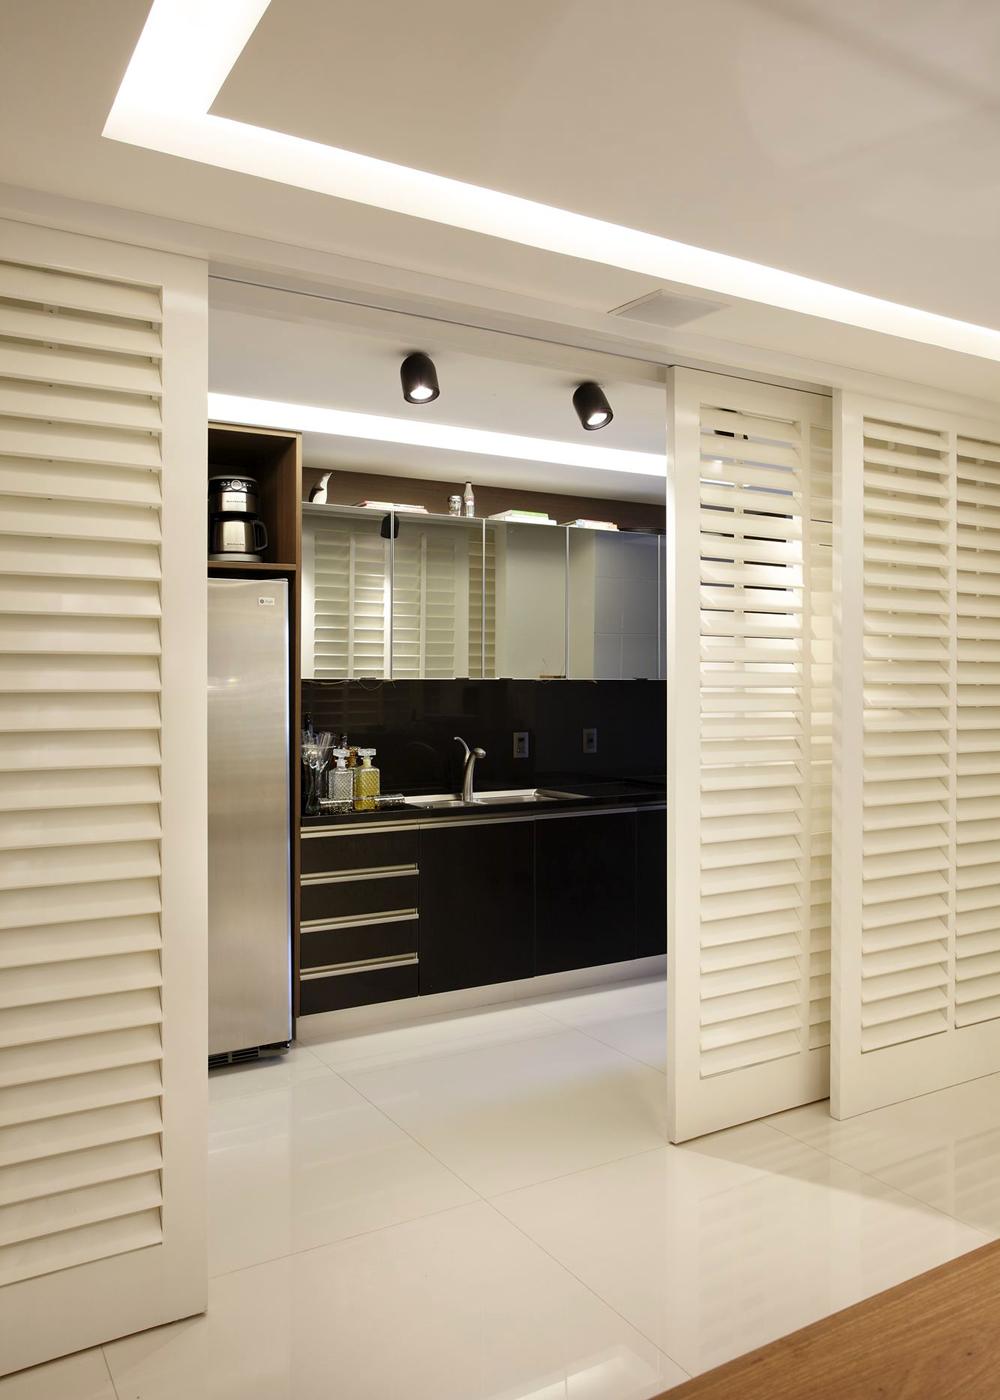 Cozinha Escondida Em Arm Rio Com Portas De Correr Articuladas  ~ Porta Sanfonada Para Cozinha